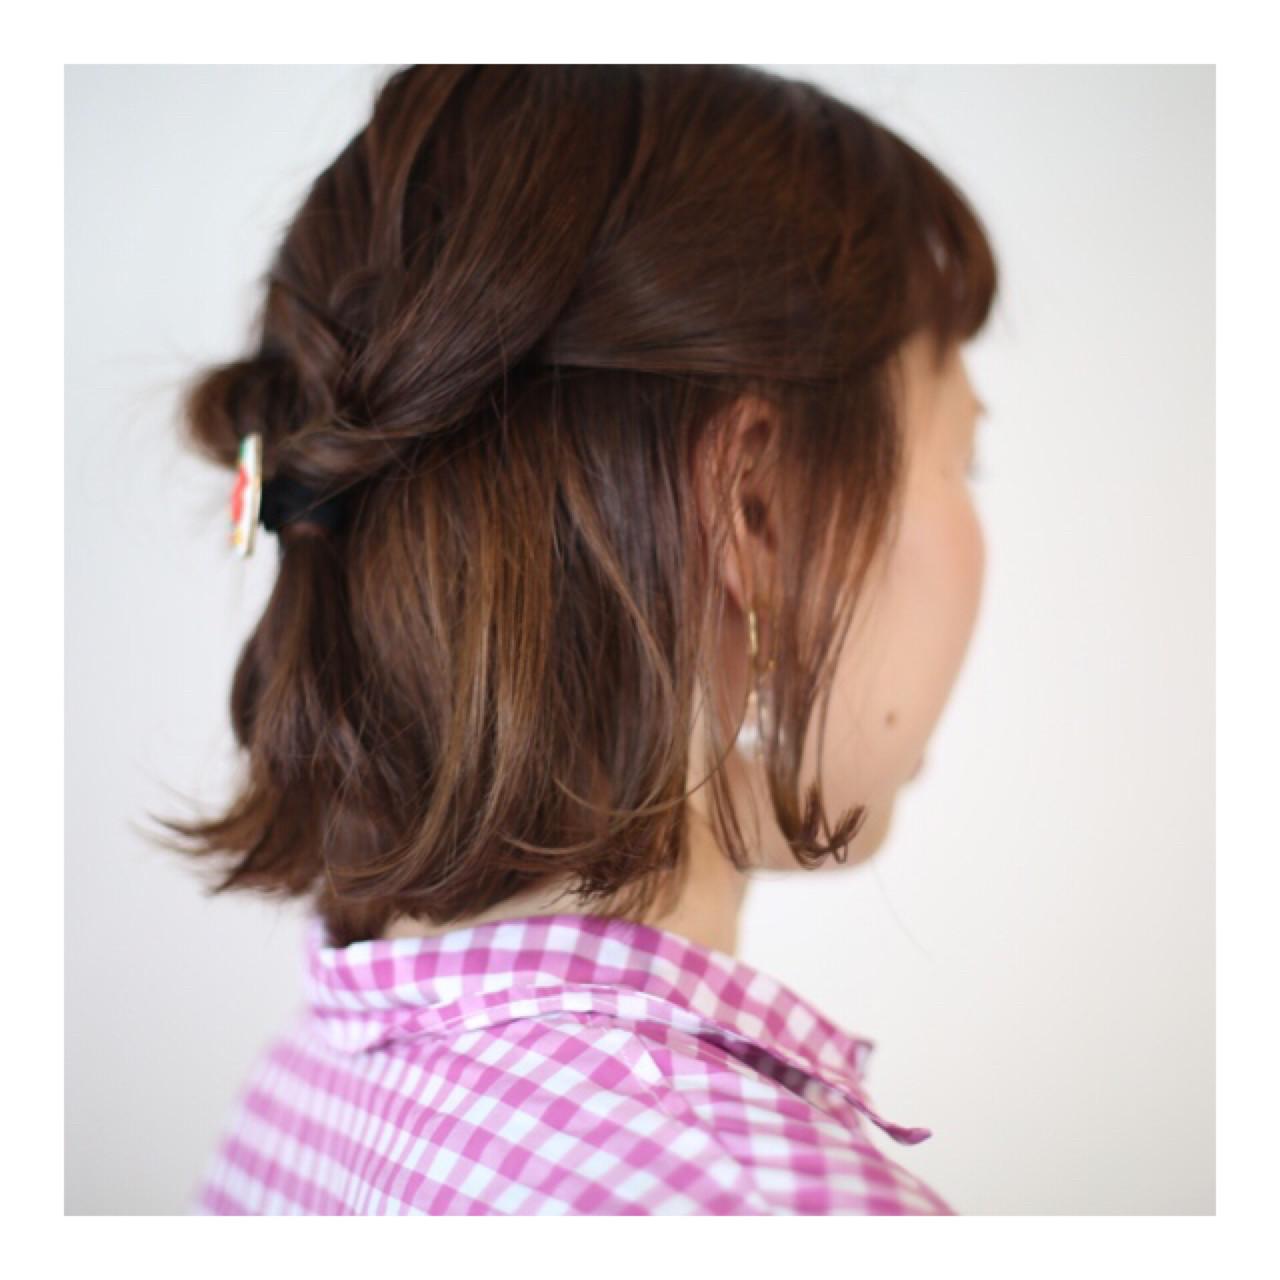 ナチュラル ブリーチ ボブ ダブルカラー ヘアスタイルや髪型の写真・画像